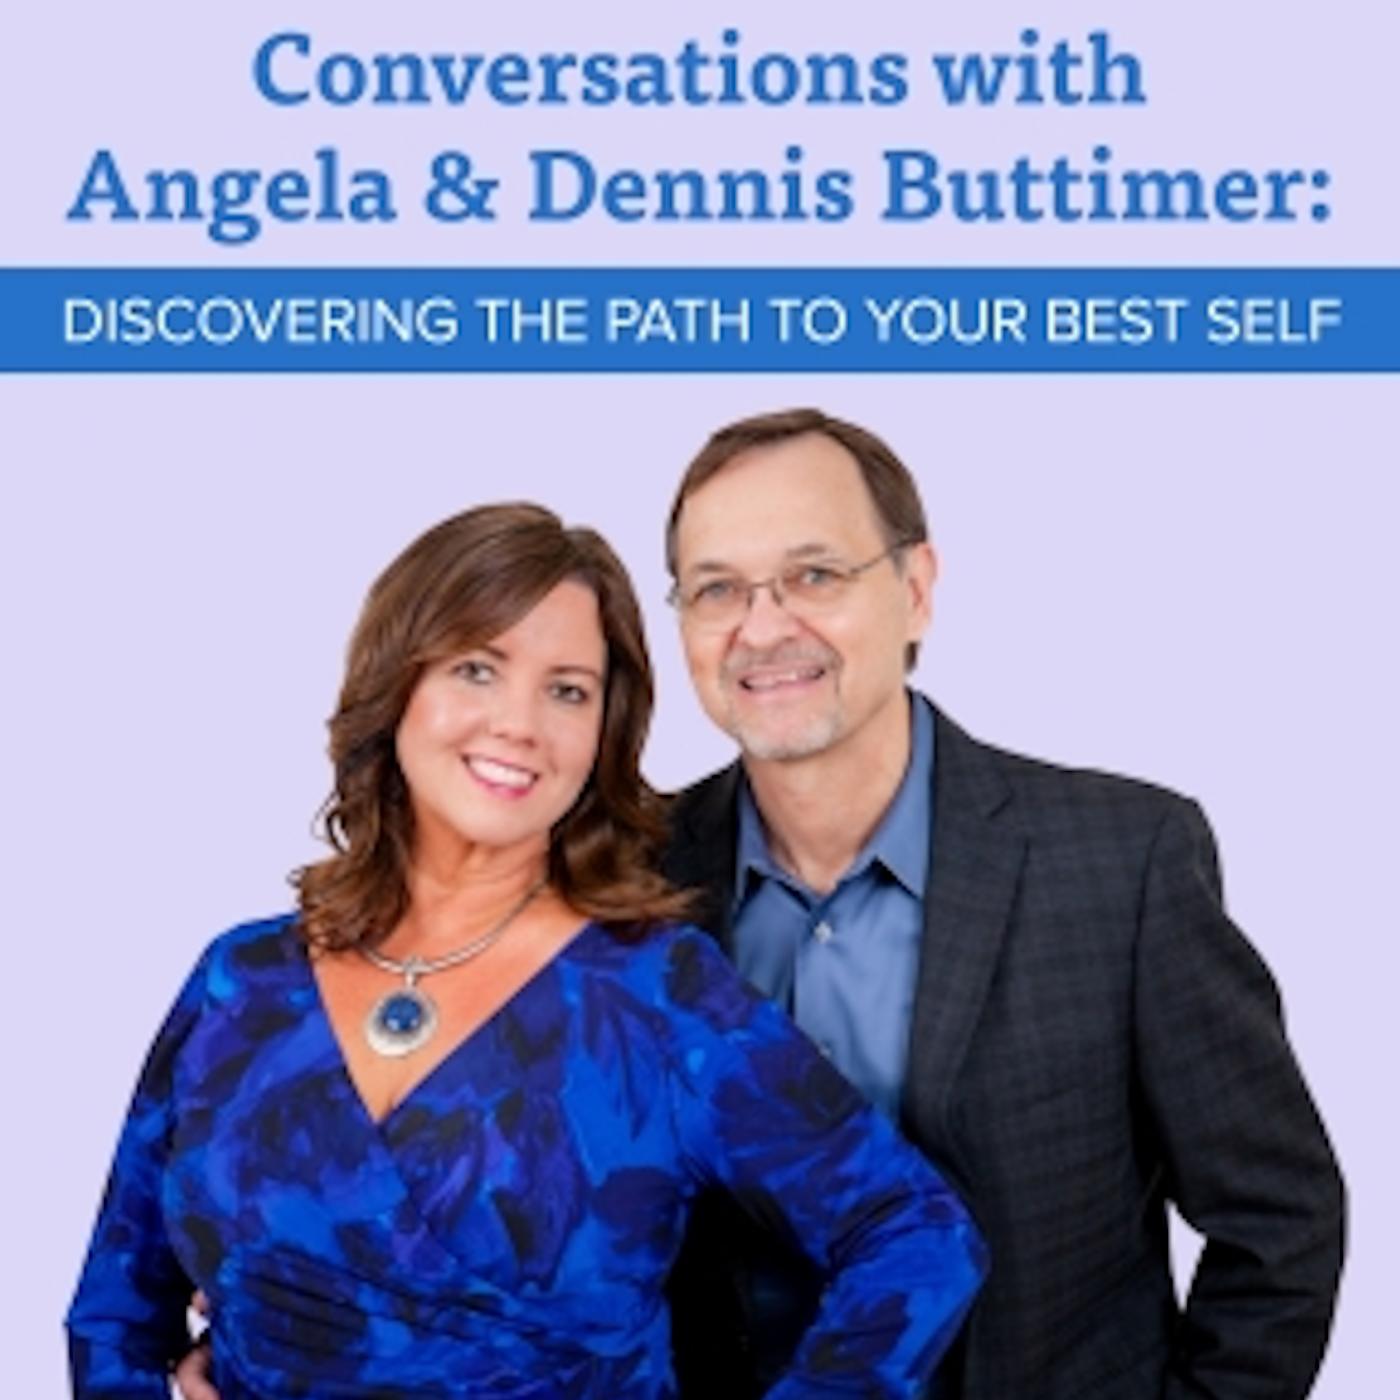 Conversations with Angela Buttimer and Dennis Buttimer show art